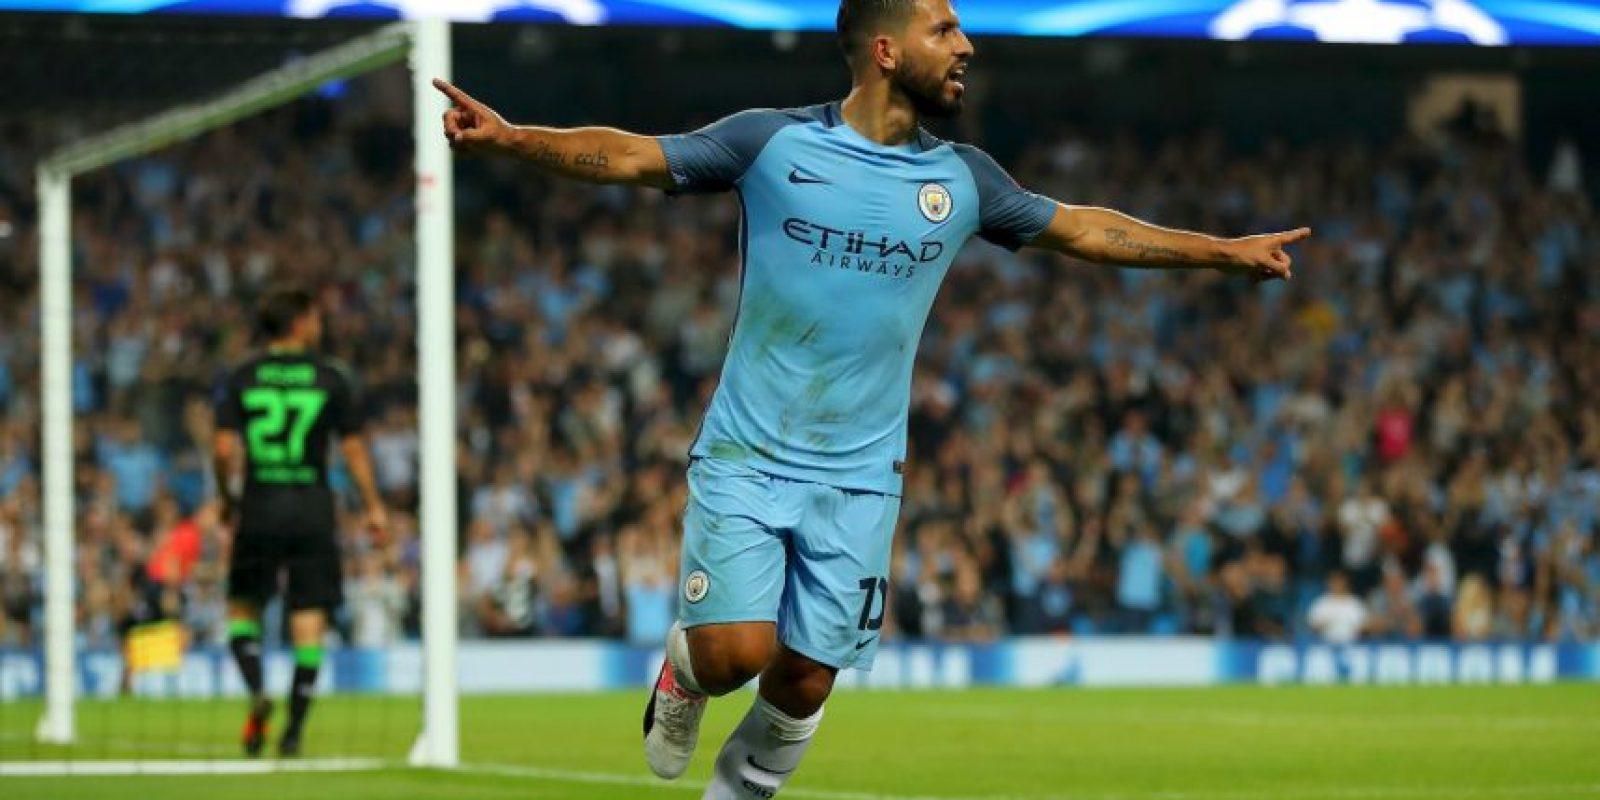 El argentino se lució con un triplete en la victoria de Manchester City por 4 a 0 ante Borussia Monchengladbach Foto:Getty Images